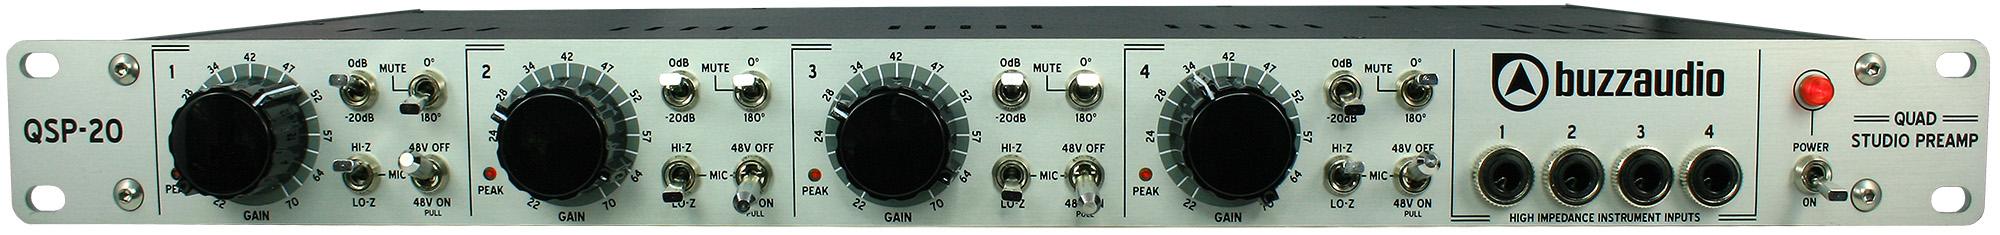 QSP-20 Quad Studio Preamplifier - Buzz Audio